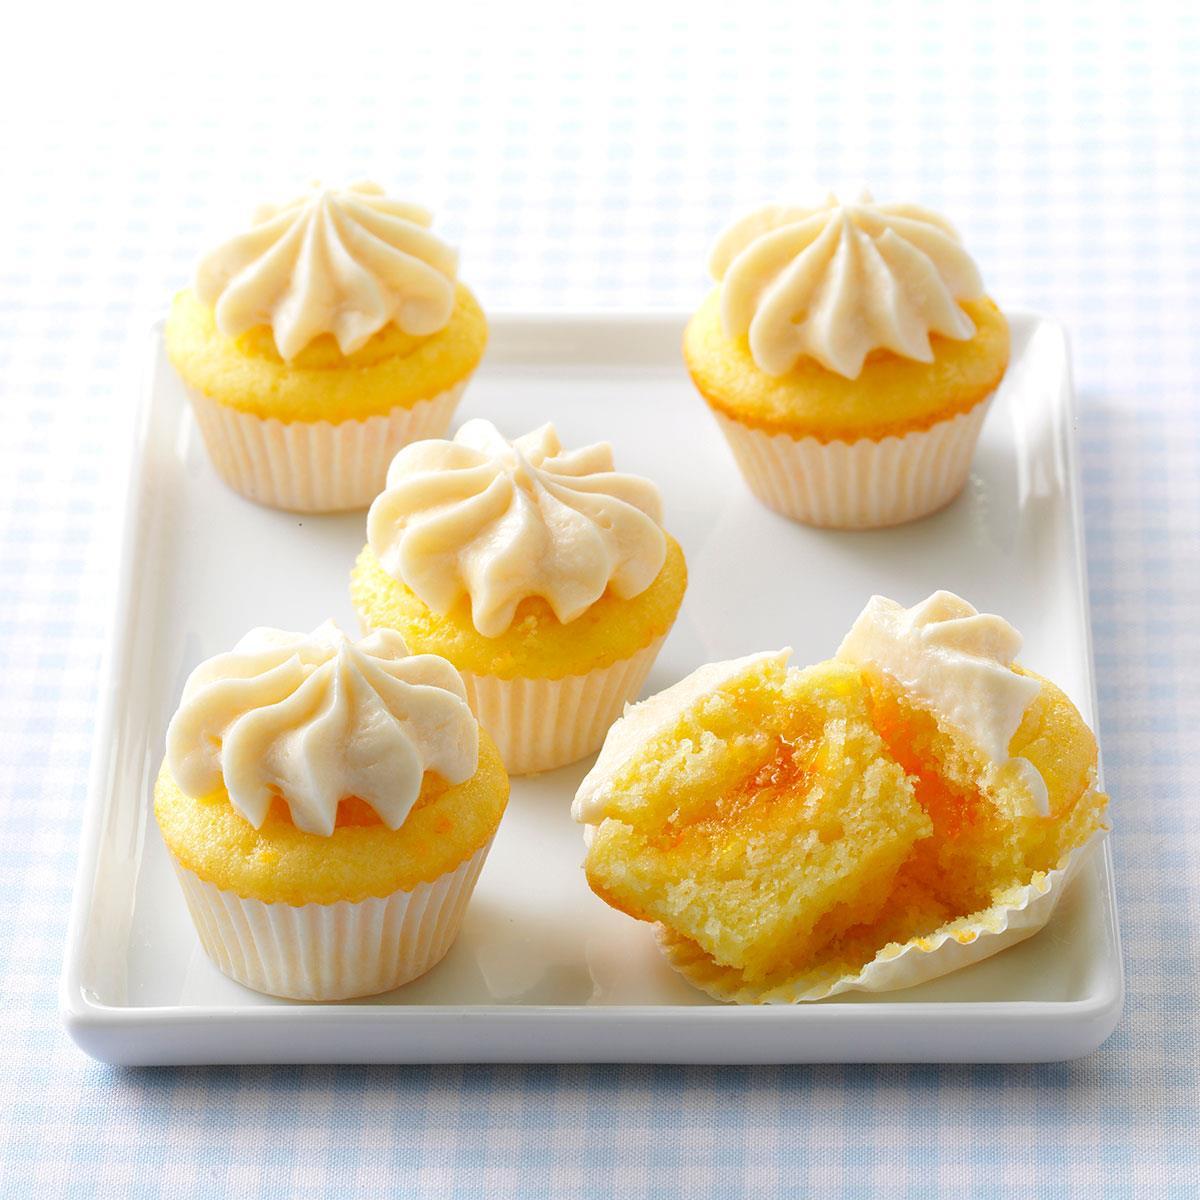 How to Bake Mini Cupcakes